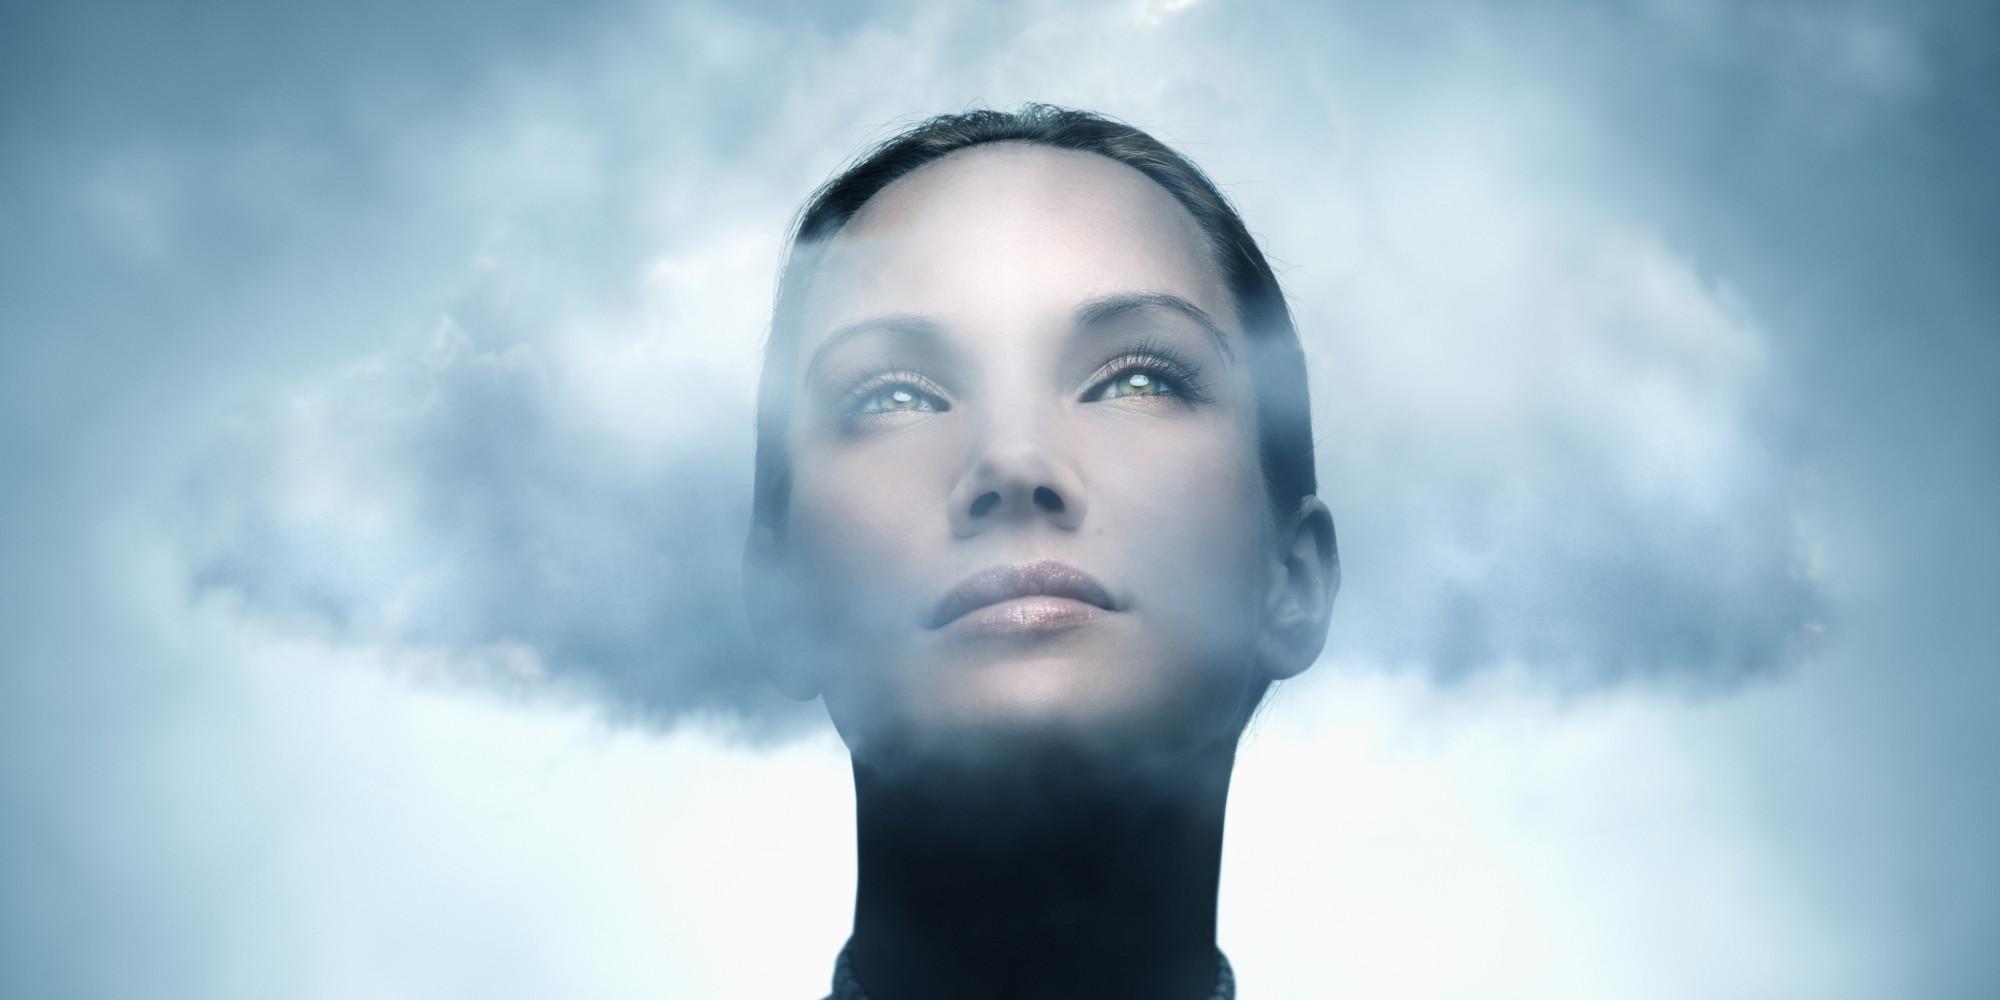 Resultado de imagem para woman dreaming